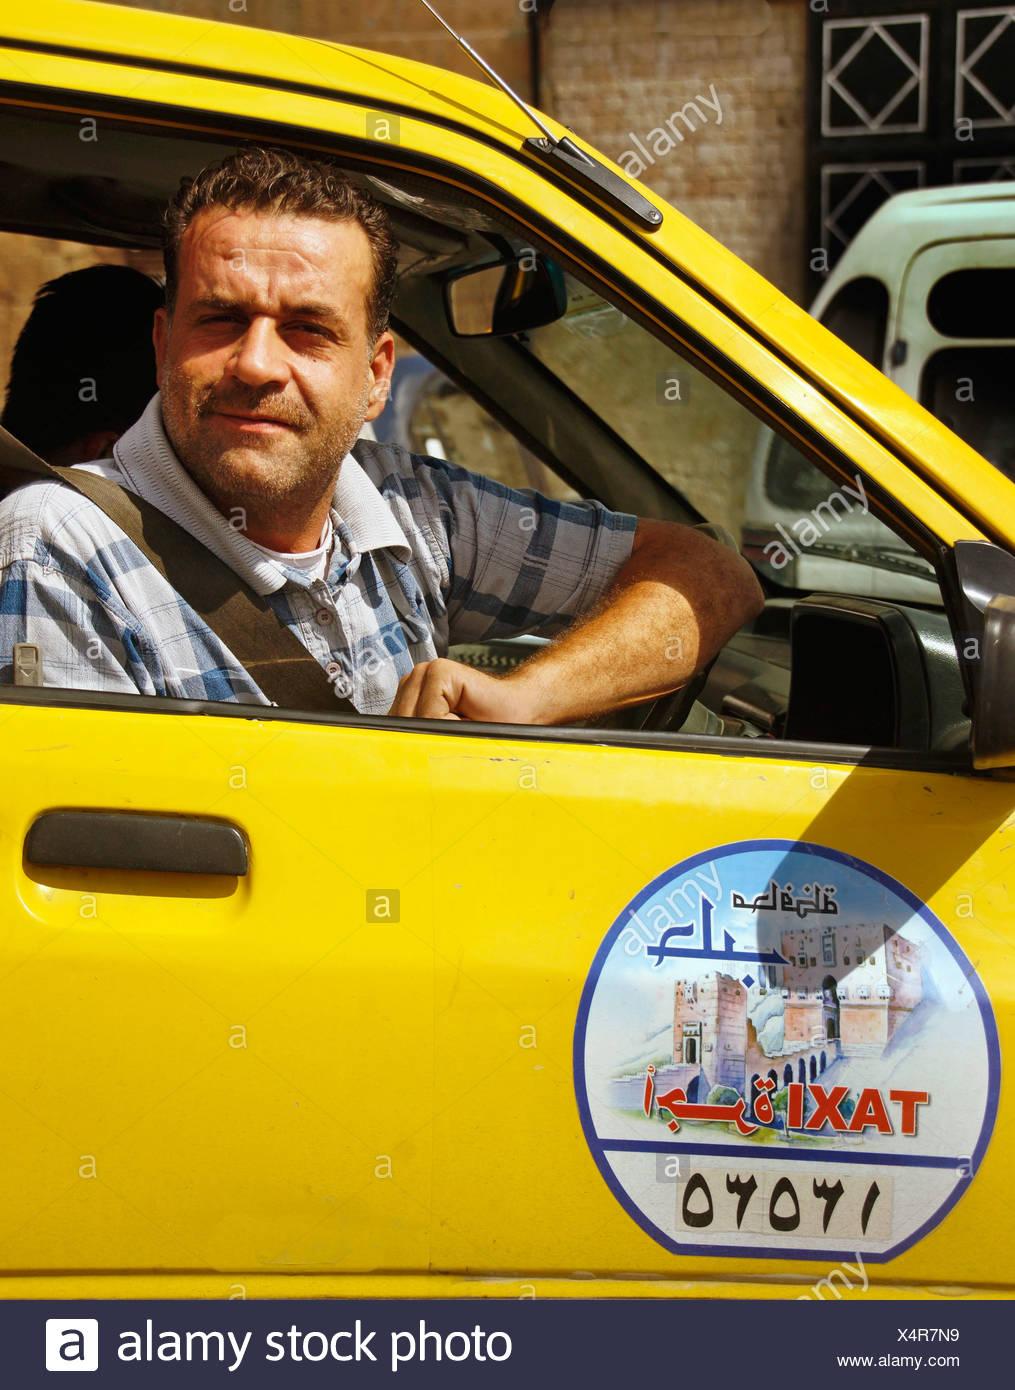 Taxi, Aleppo, Siria Imagen De Stock